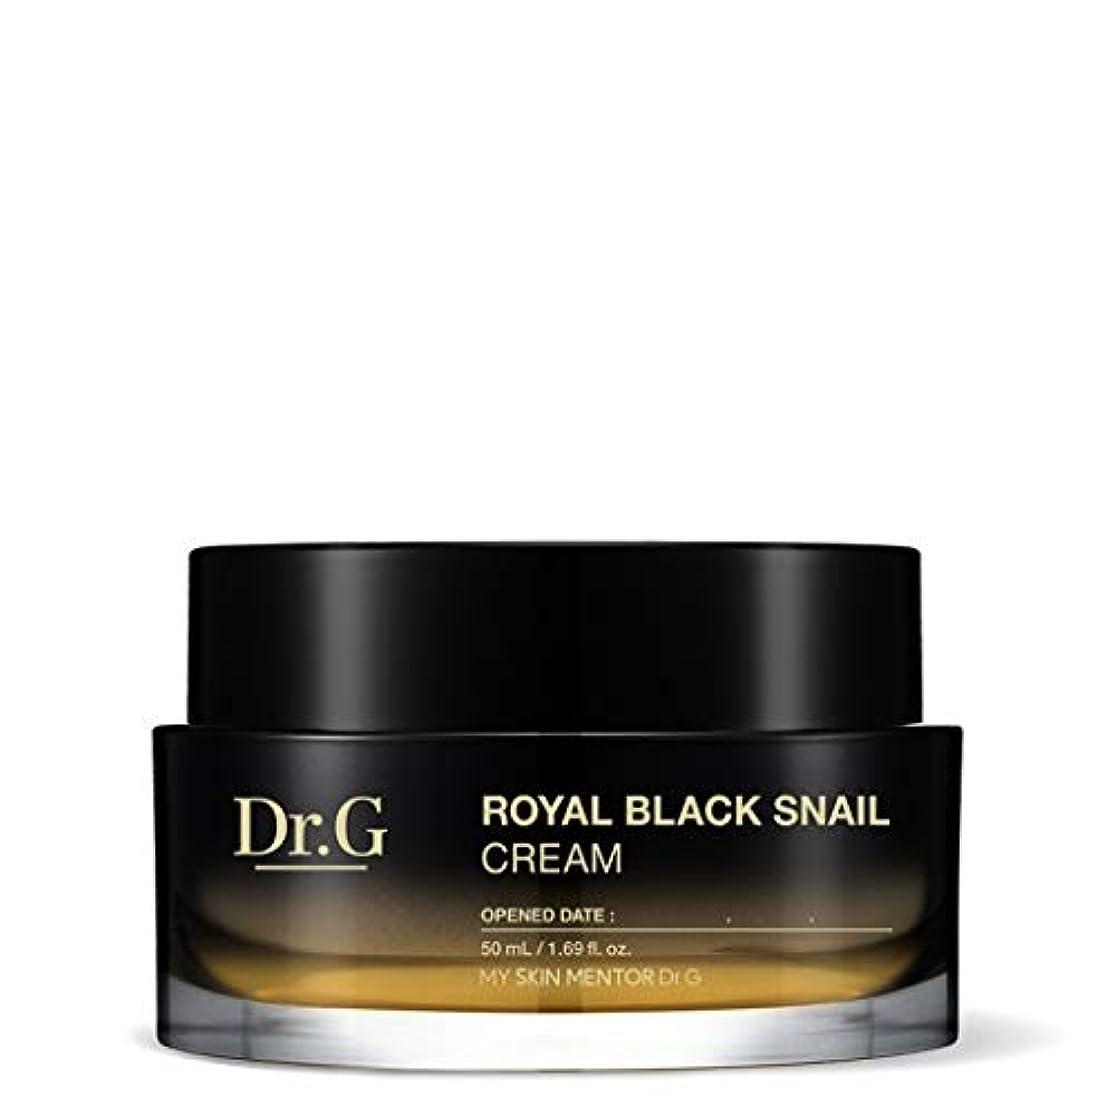 資料くそー連続した[Dr.Gドクタージー] ロイヤルブラックスネイルクリーム 50ml / Royal Black Snail Cream